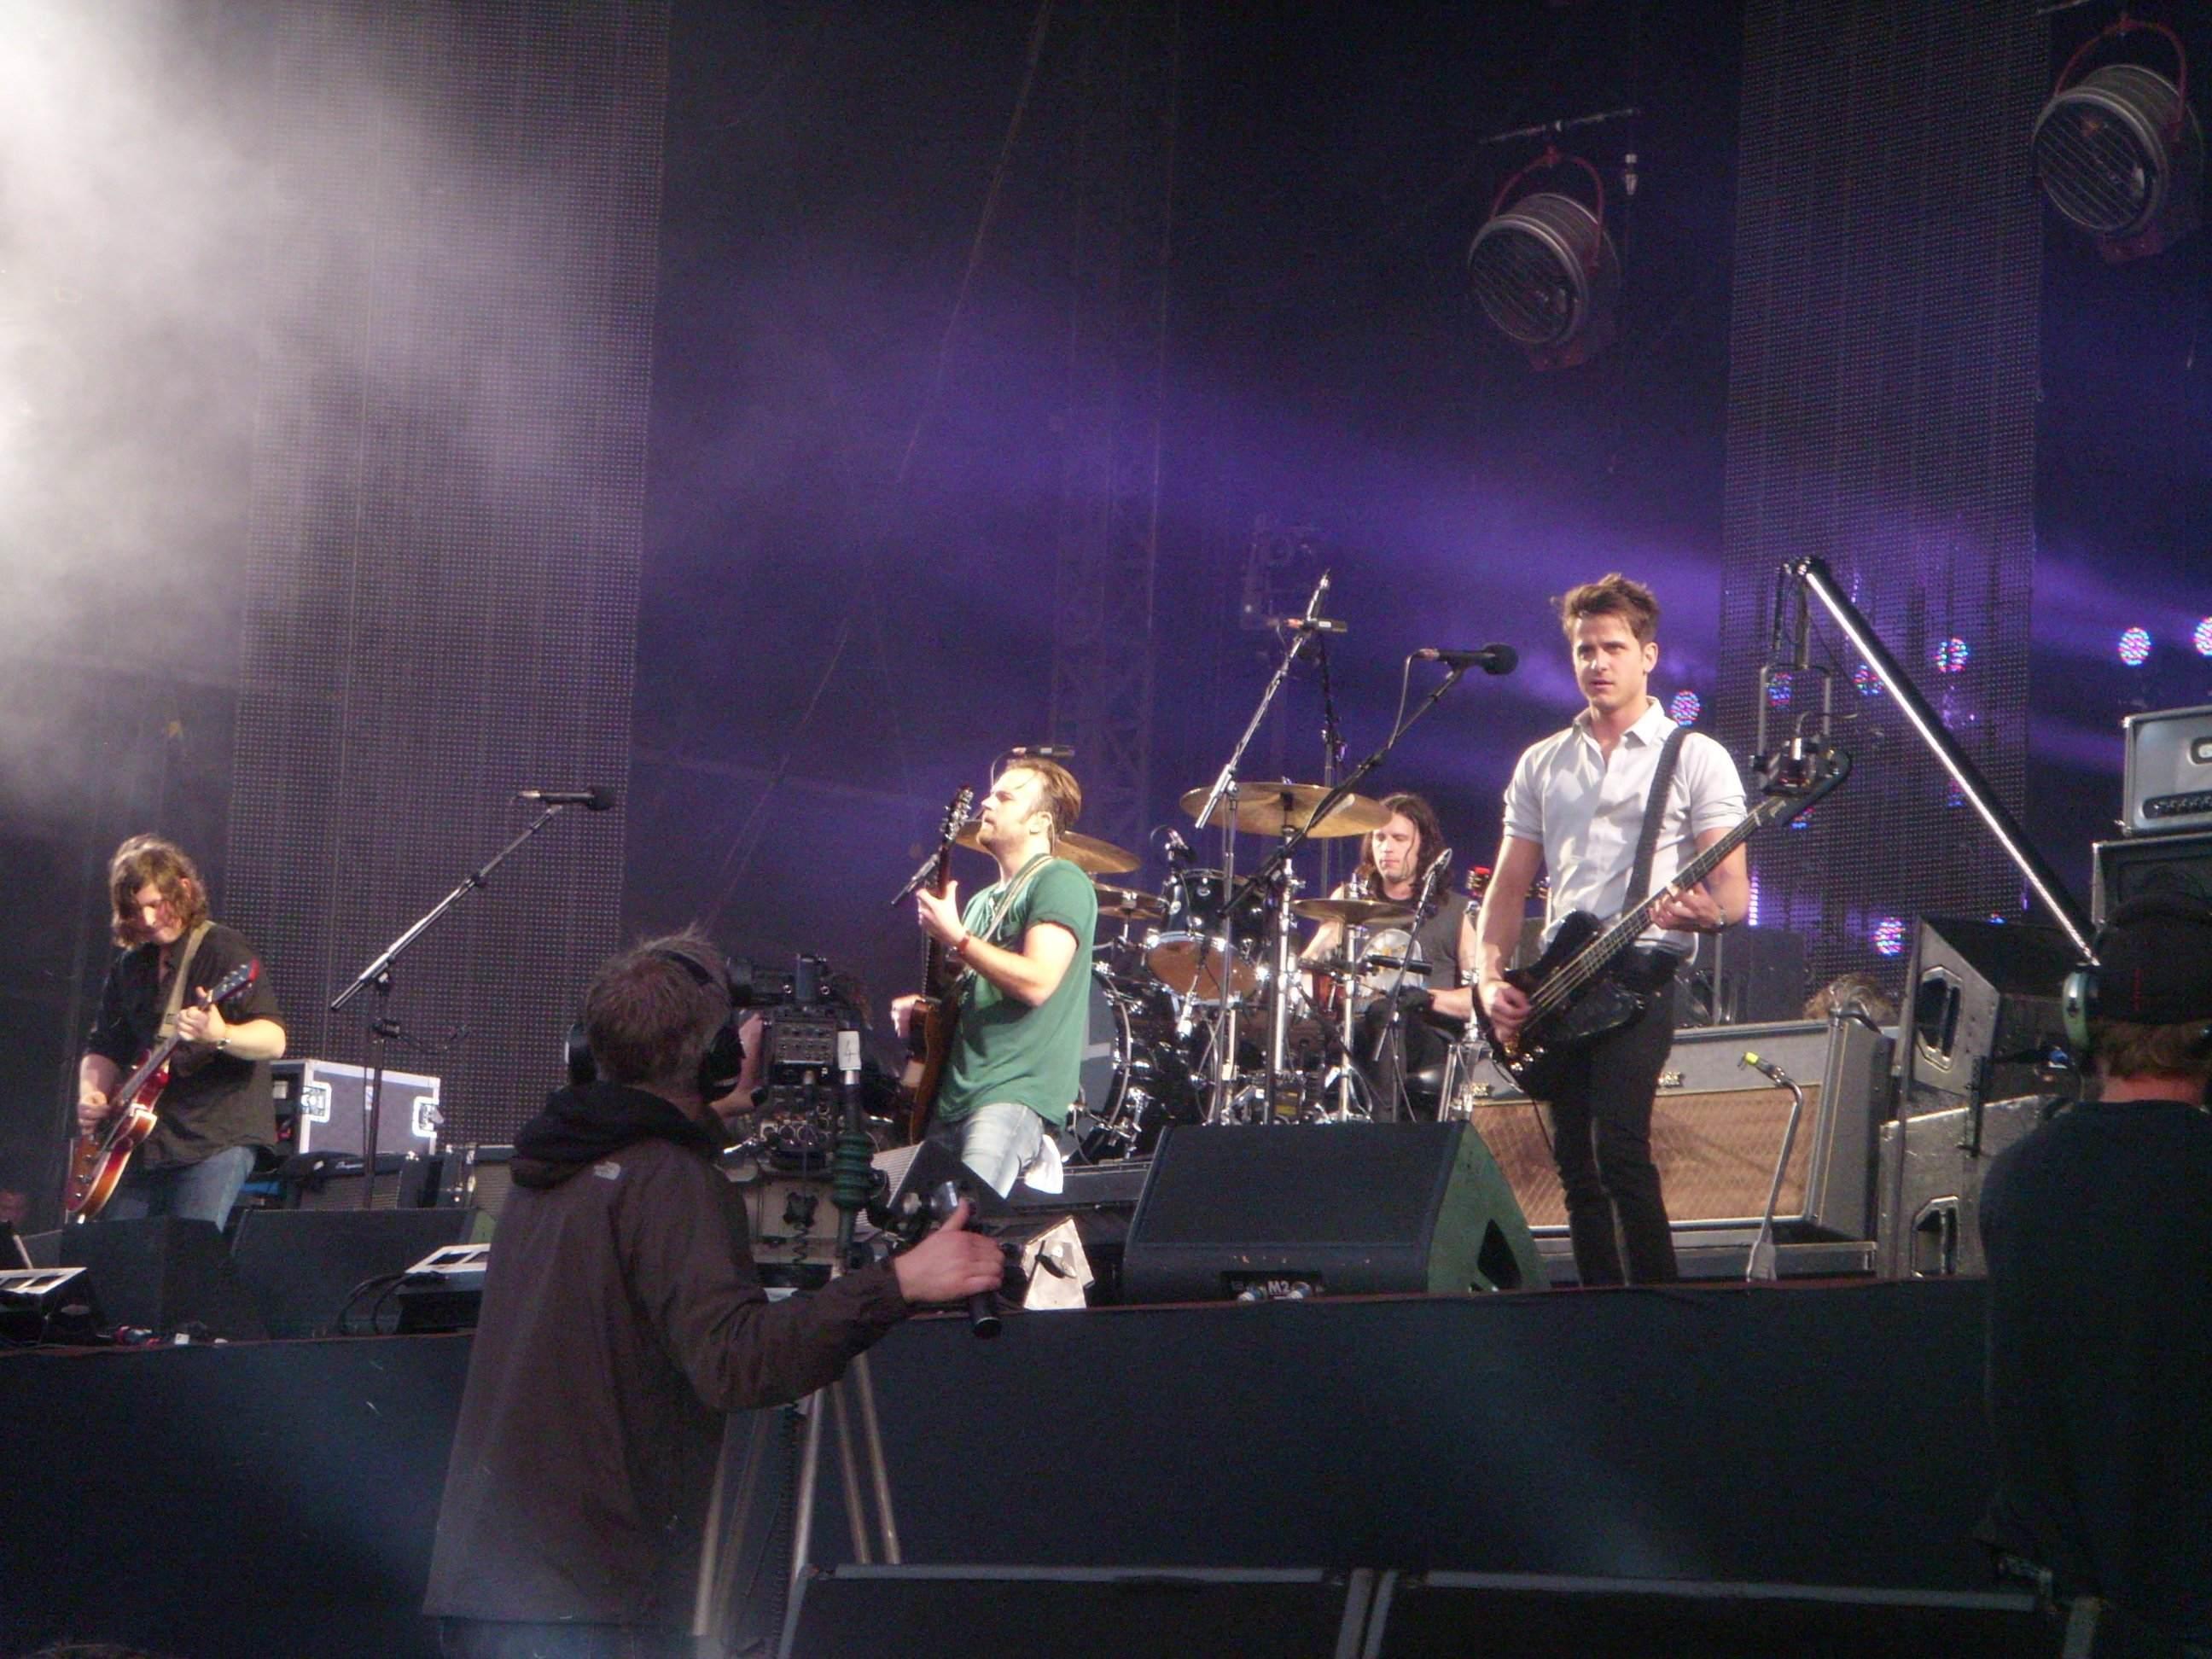 Hyde Park, London (22 Jun 11)